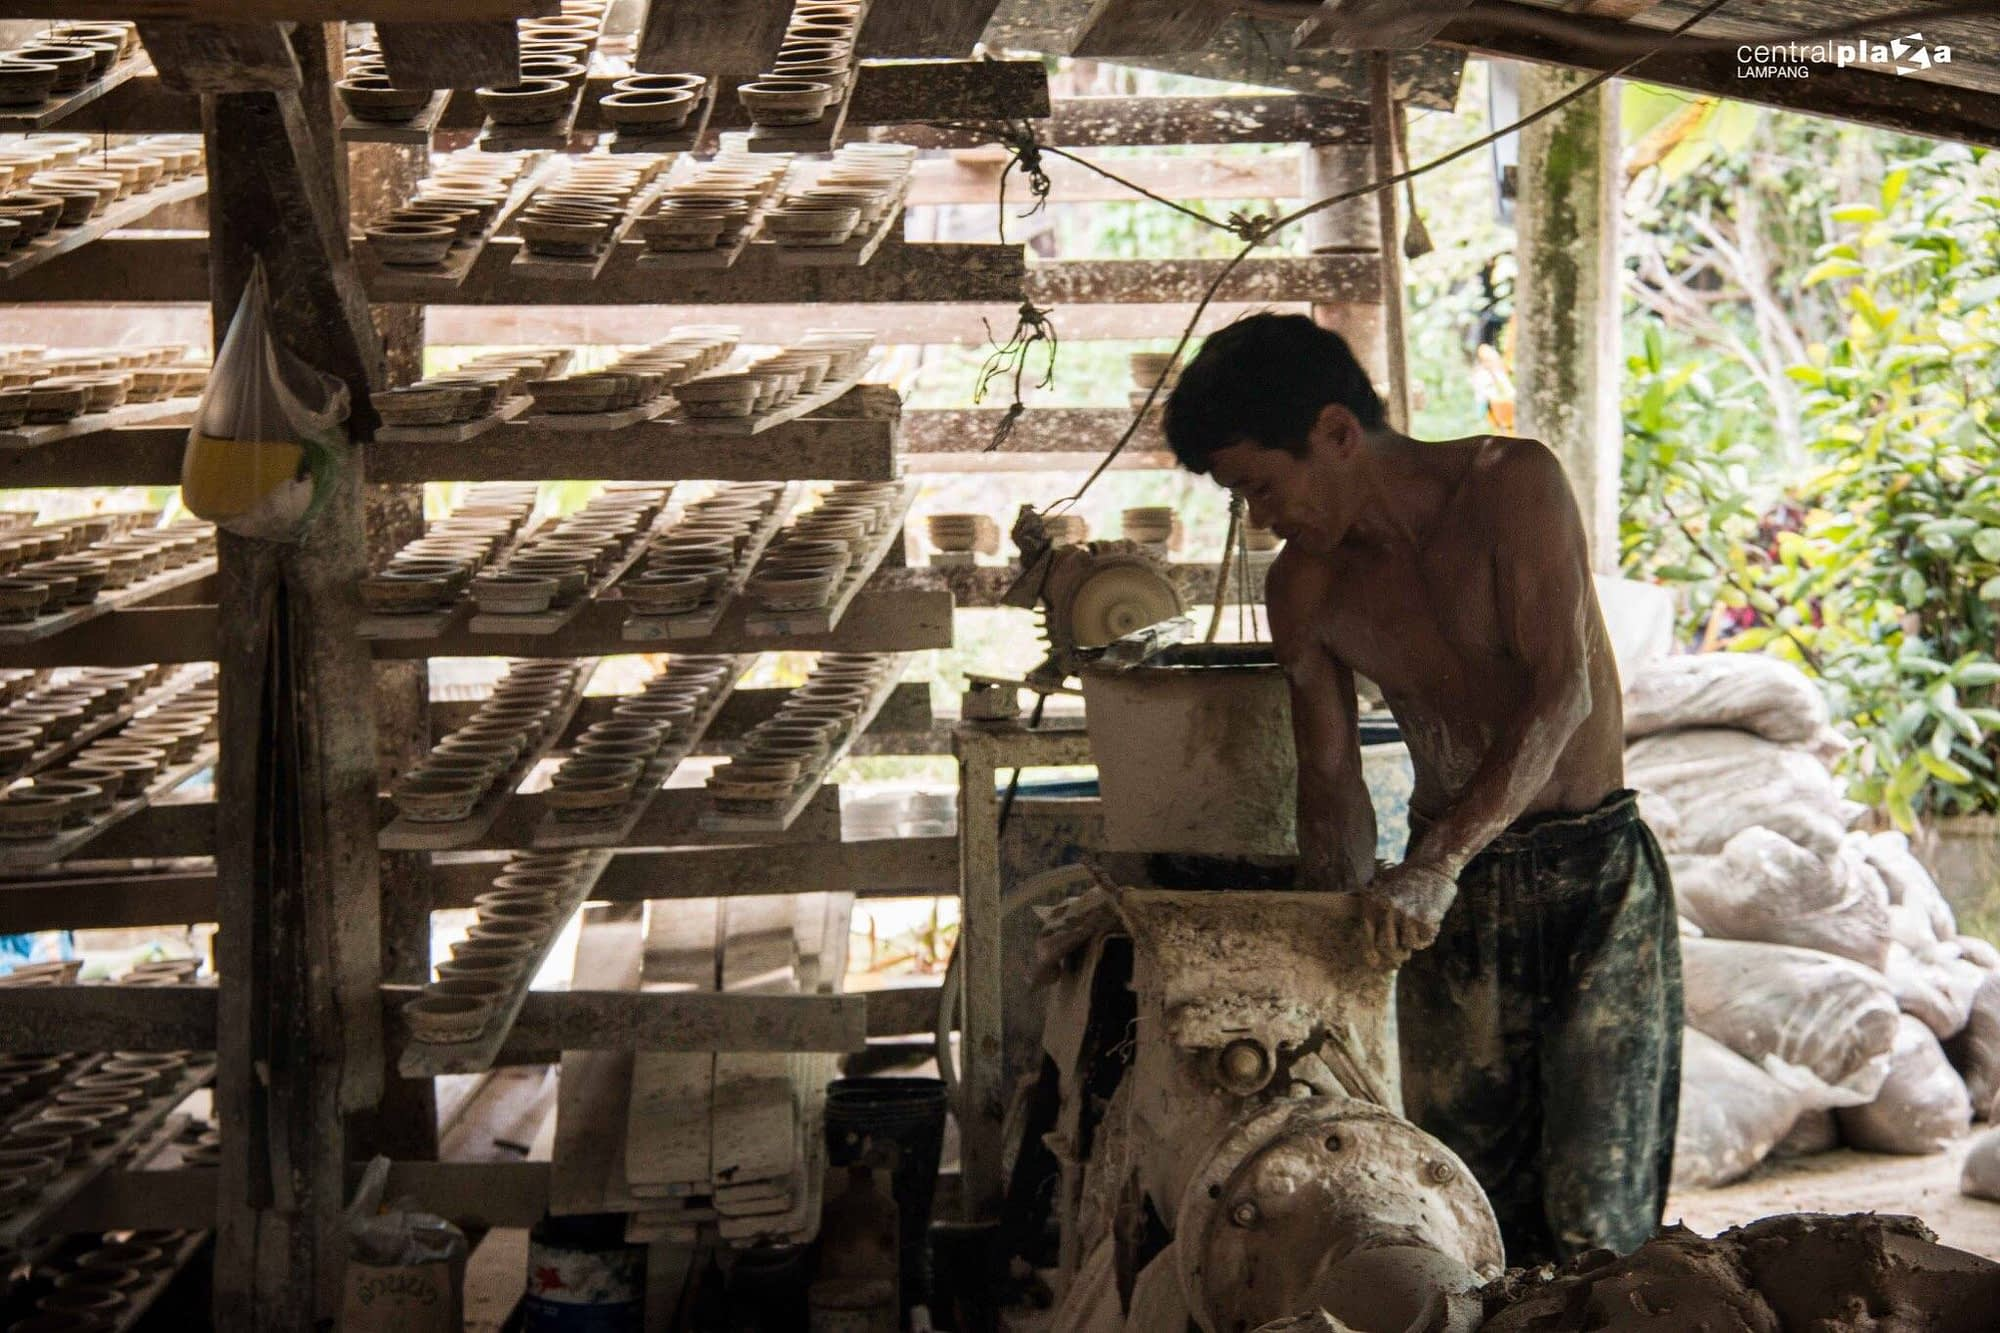 """ดินขาวทำเซรามิค แก้วเซรามิคคุณภาพดีมากจากดินขาวลำปาง (Kaolin Lampang) """"ดินขาวลำปาง"""" เป็นดินขาวที่มีคุณภาพดีอันดับต้นๆ ของประเทศไทย"""